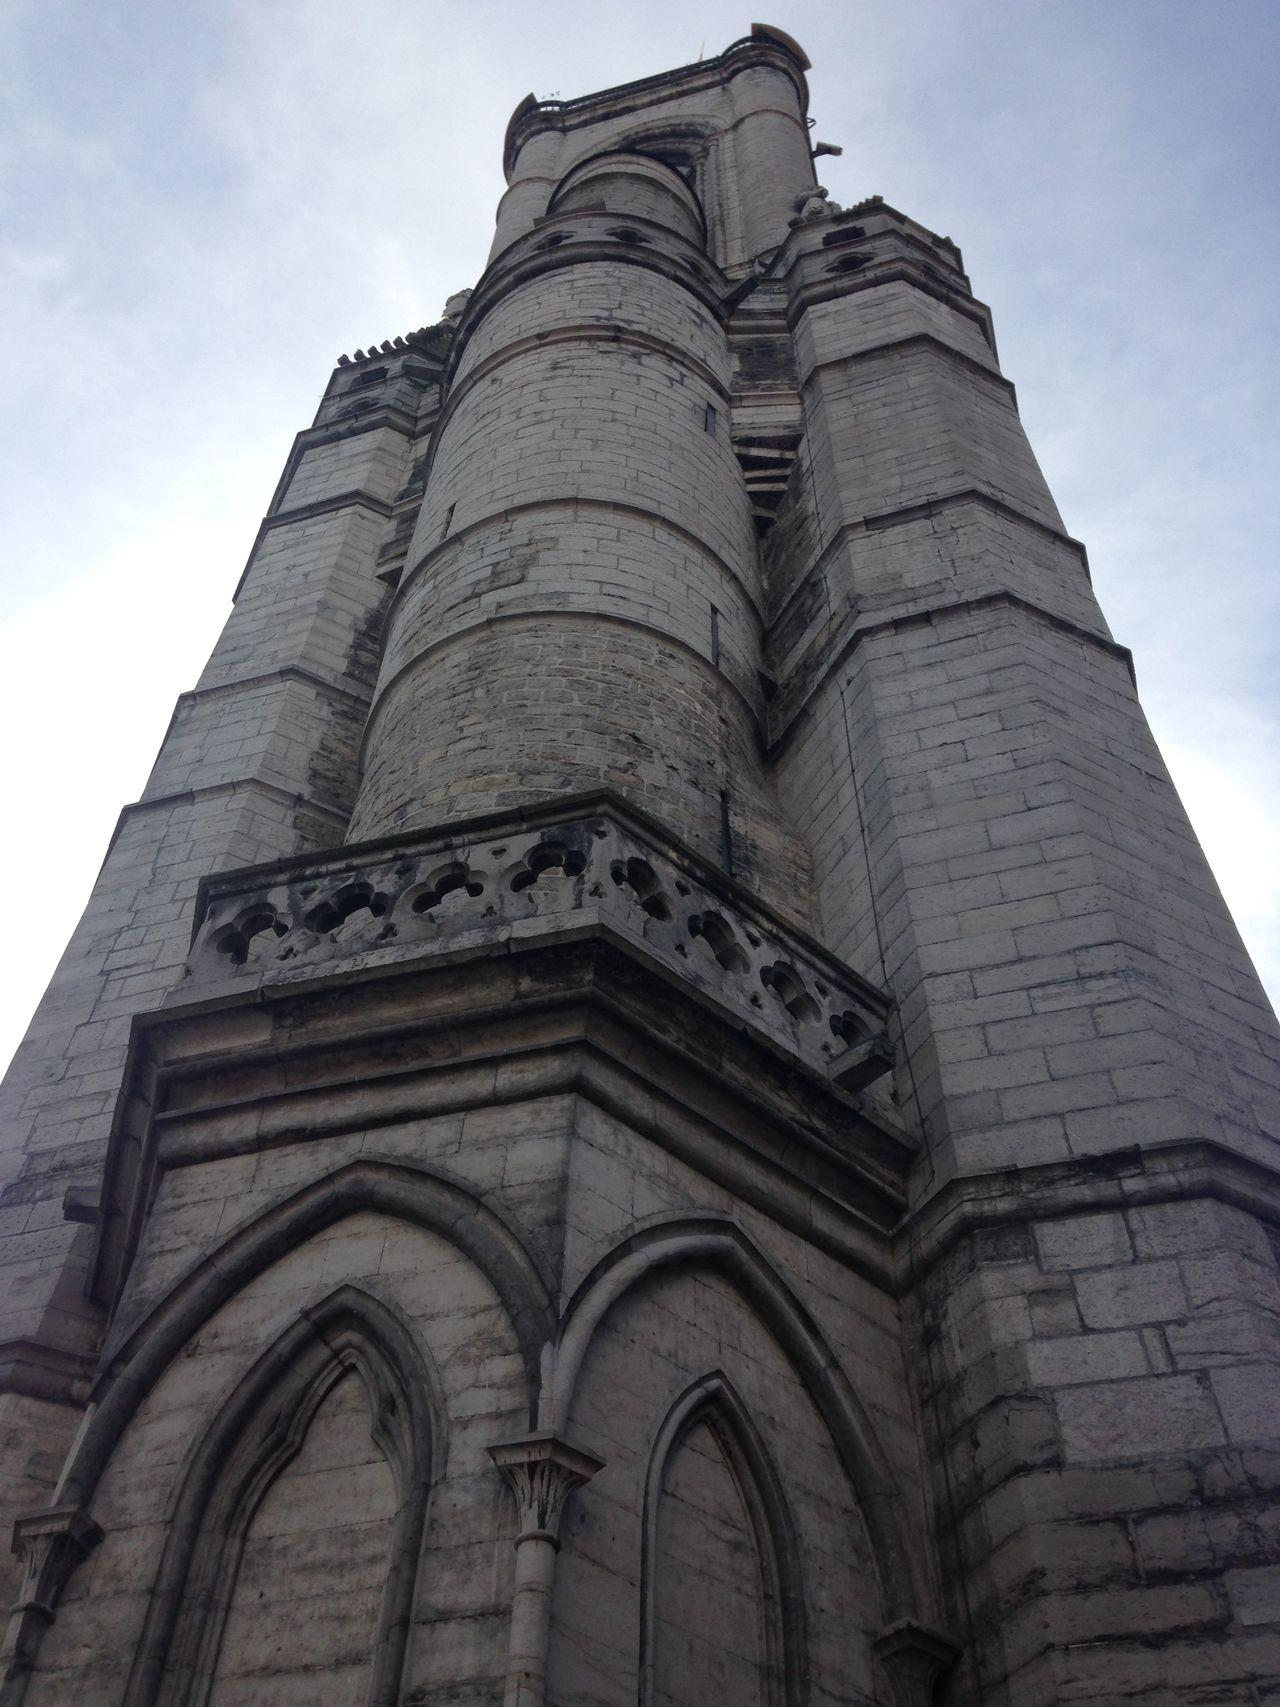 Blackandwhite Belgium♡ Iphonephotography Beffroi Tournai EyeEm Best Shots From My Point Of View